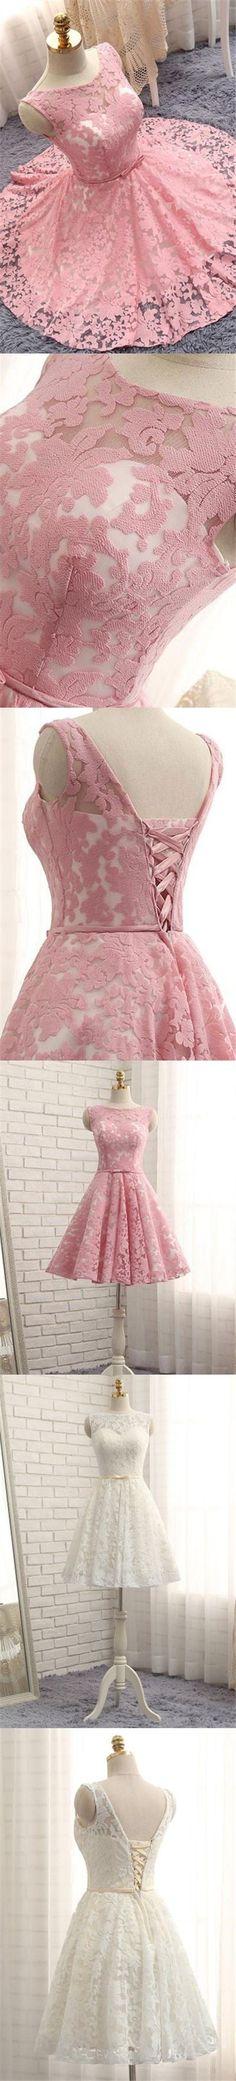 Lace Homecoming Dress Bateau Lace-up Bowknot Short Prom Dress Party Dress JK309 #HomecomingDress